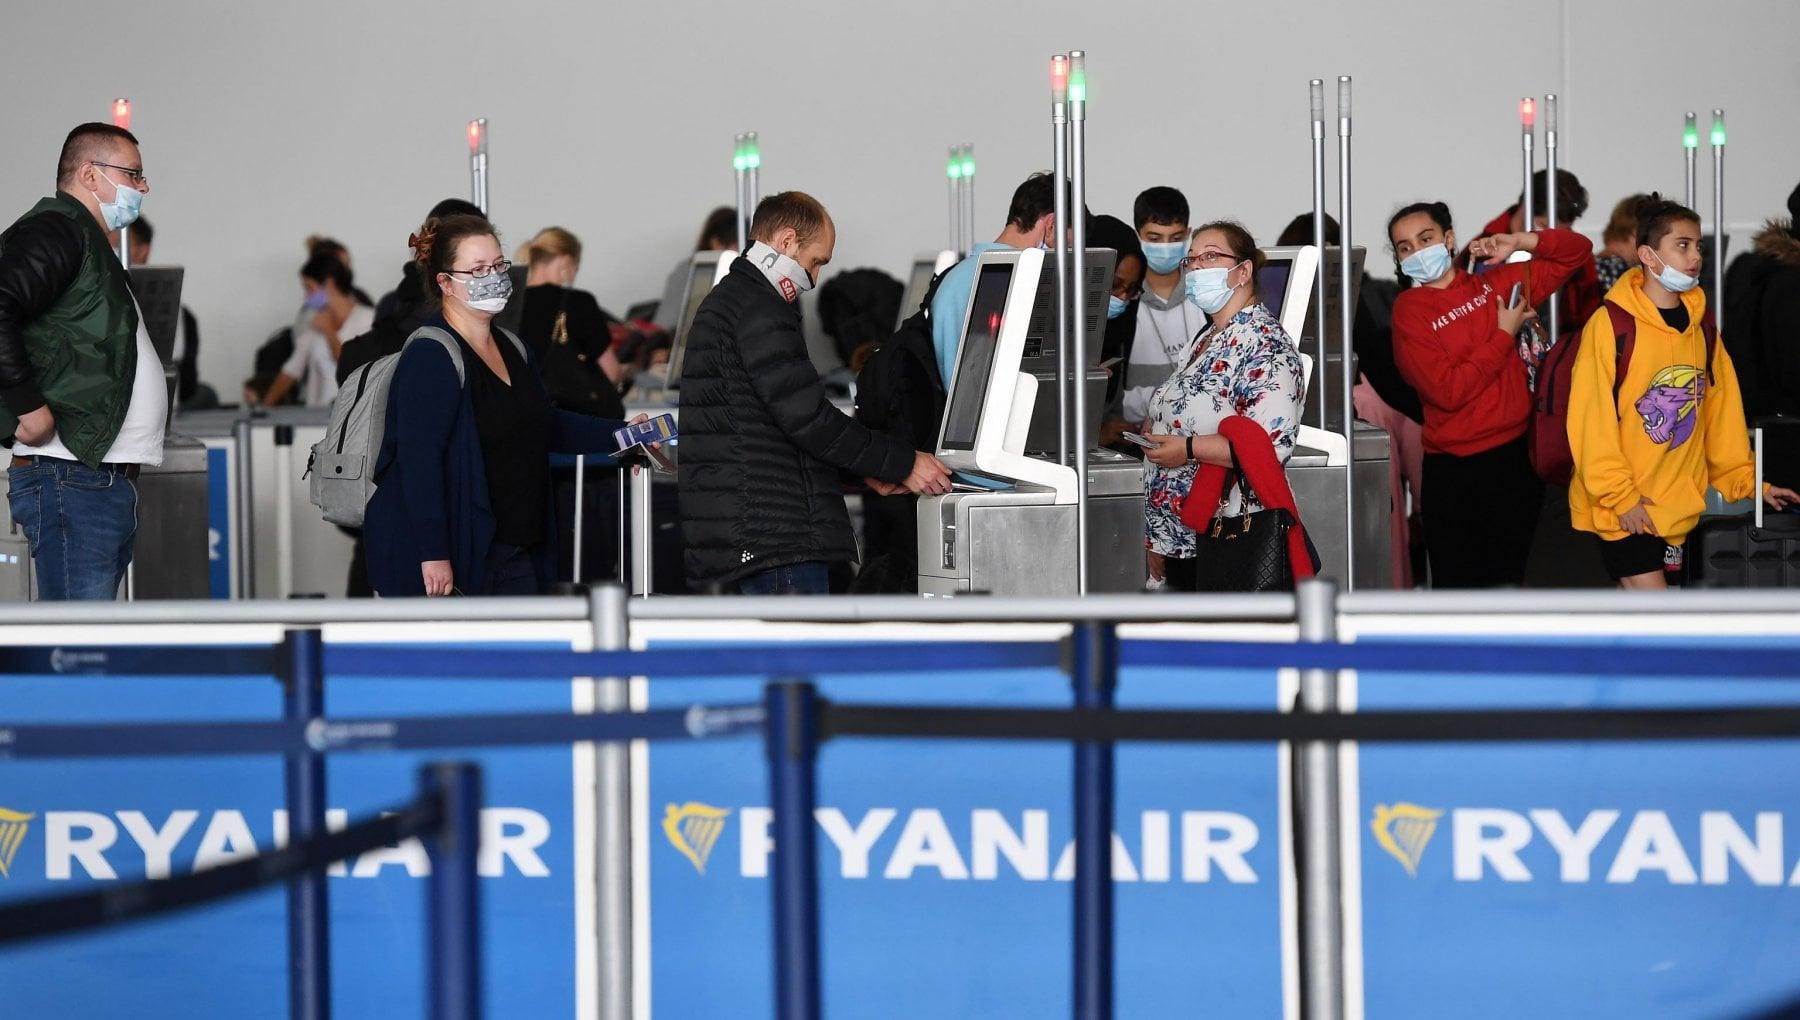 Lodissea di una ragazza pugliese a Londra I voli sono bloccati ma Ryanair non li cancella mentre lambasciata conferma il blocco